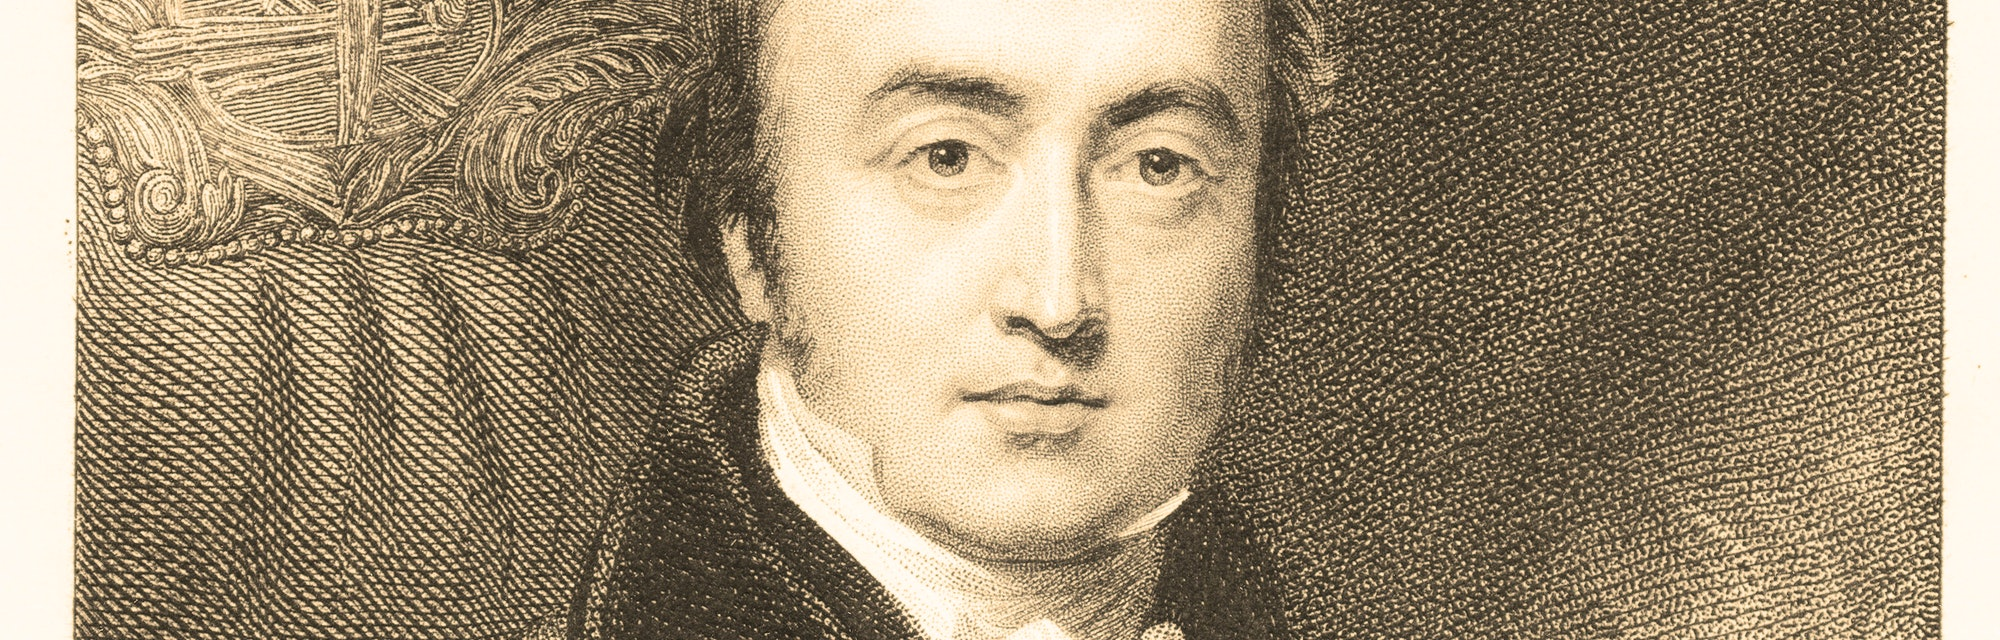 illustration engraving of bald man